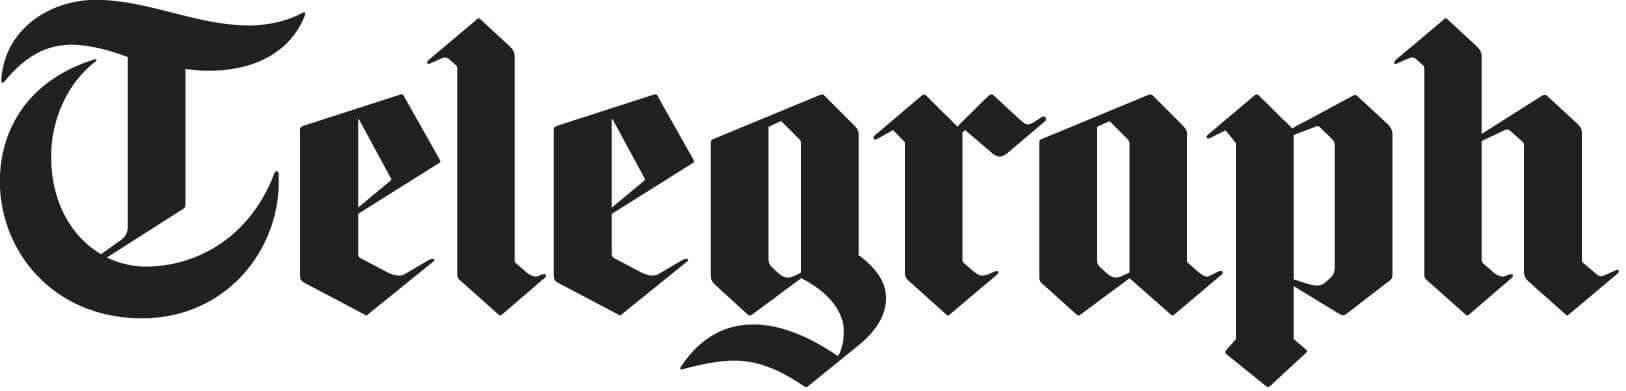 telegraph_logo.jpg